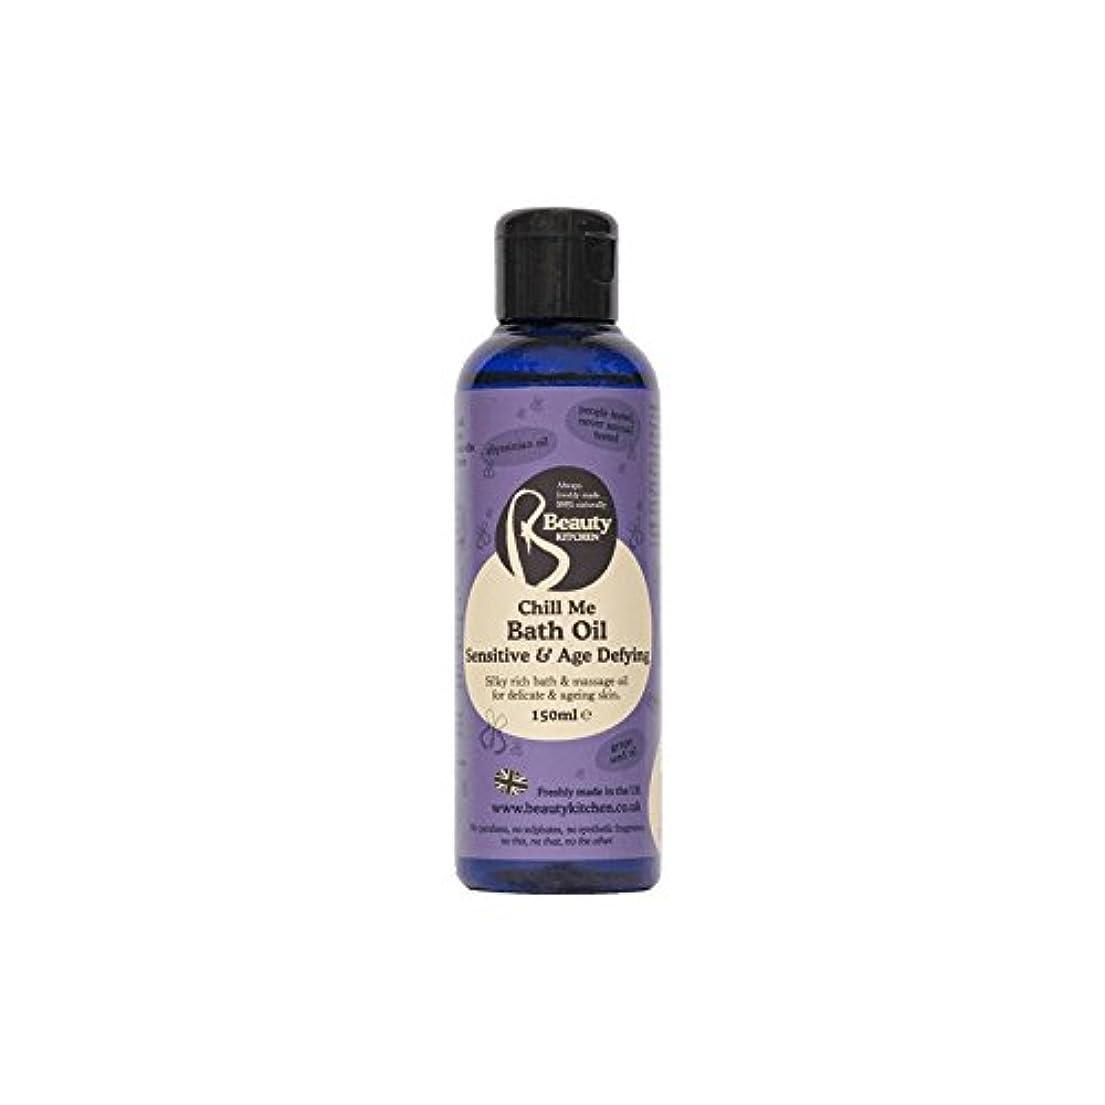 費やすアクセルカナダ美しさのキッチンは私に敏感&年齢挑むバスオイルの150ミリリットルを冷やします - Beauty Kitchen Chill Me Sensitive & Age Defying Bath Oil 150ml (Beauty...